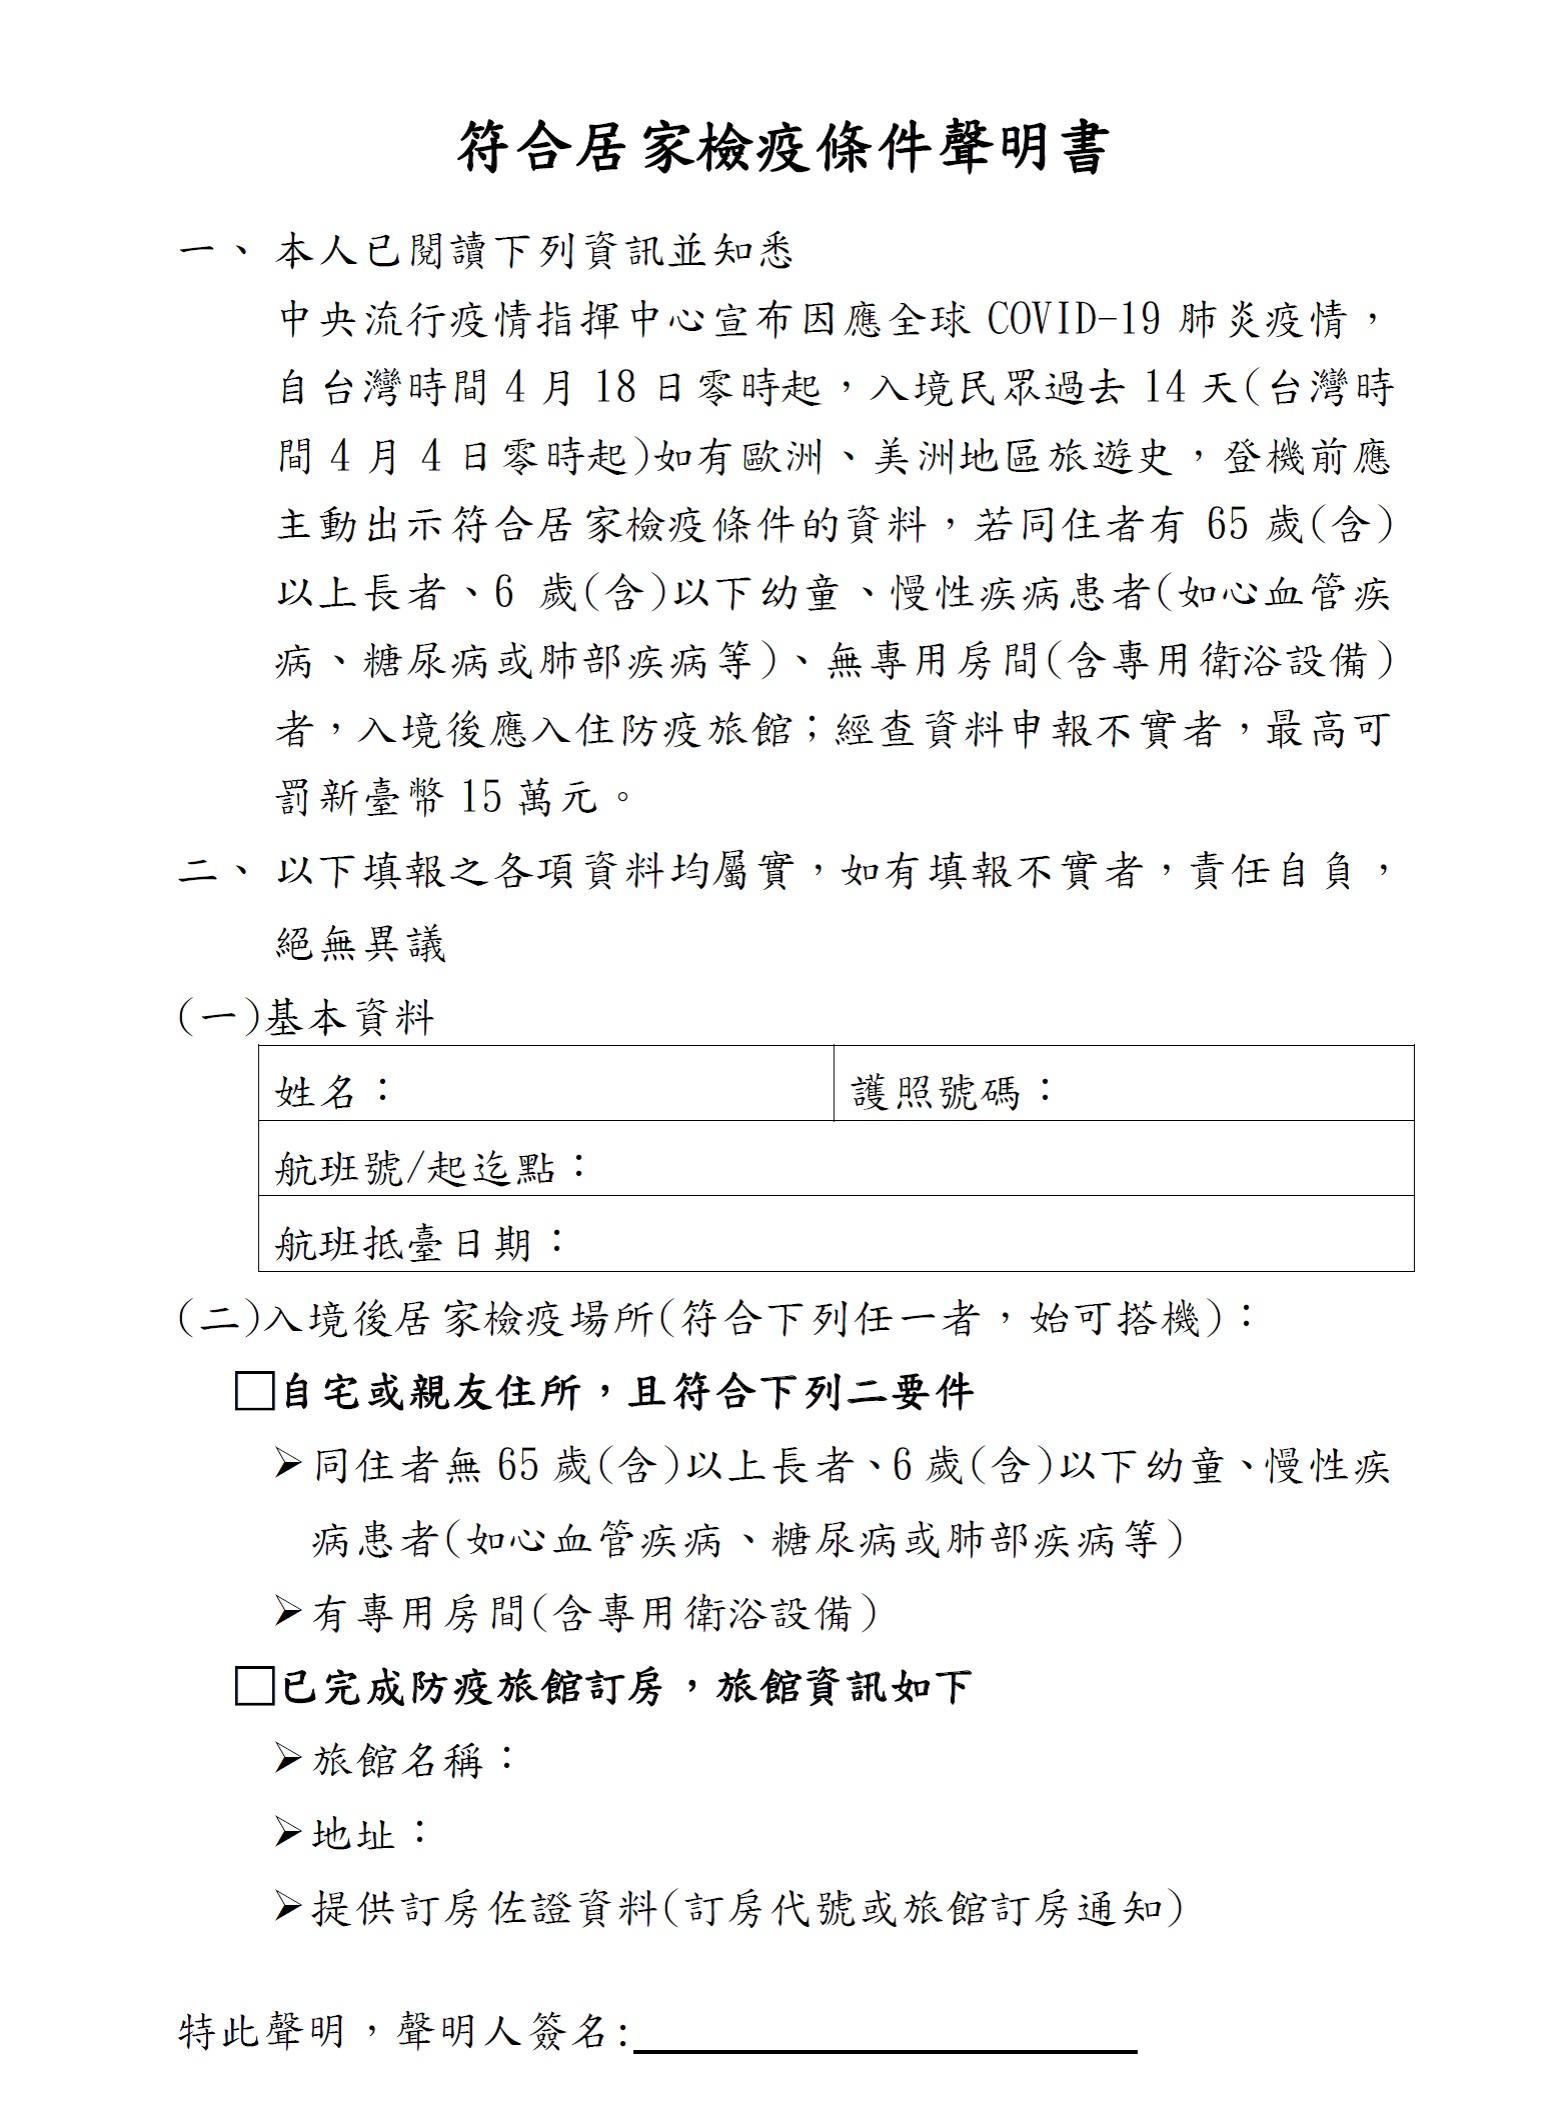 旅客因故未能於外站完成線上申報時,可填列「符合居家檢疫條件聲明書」